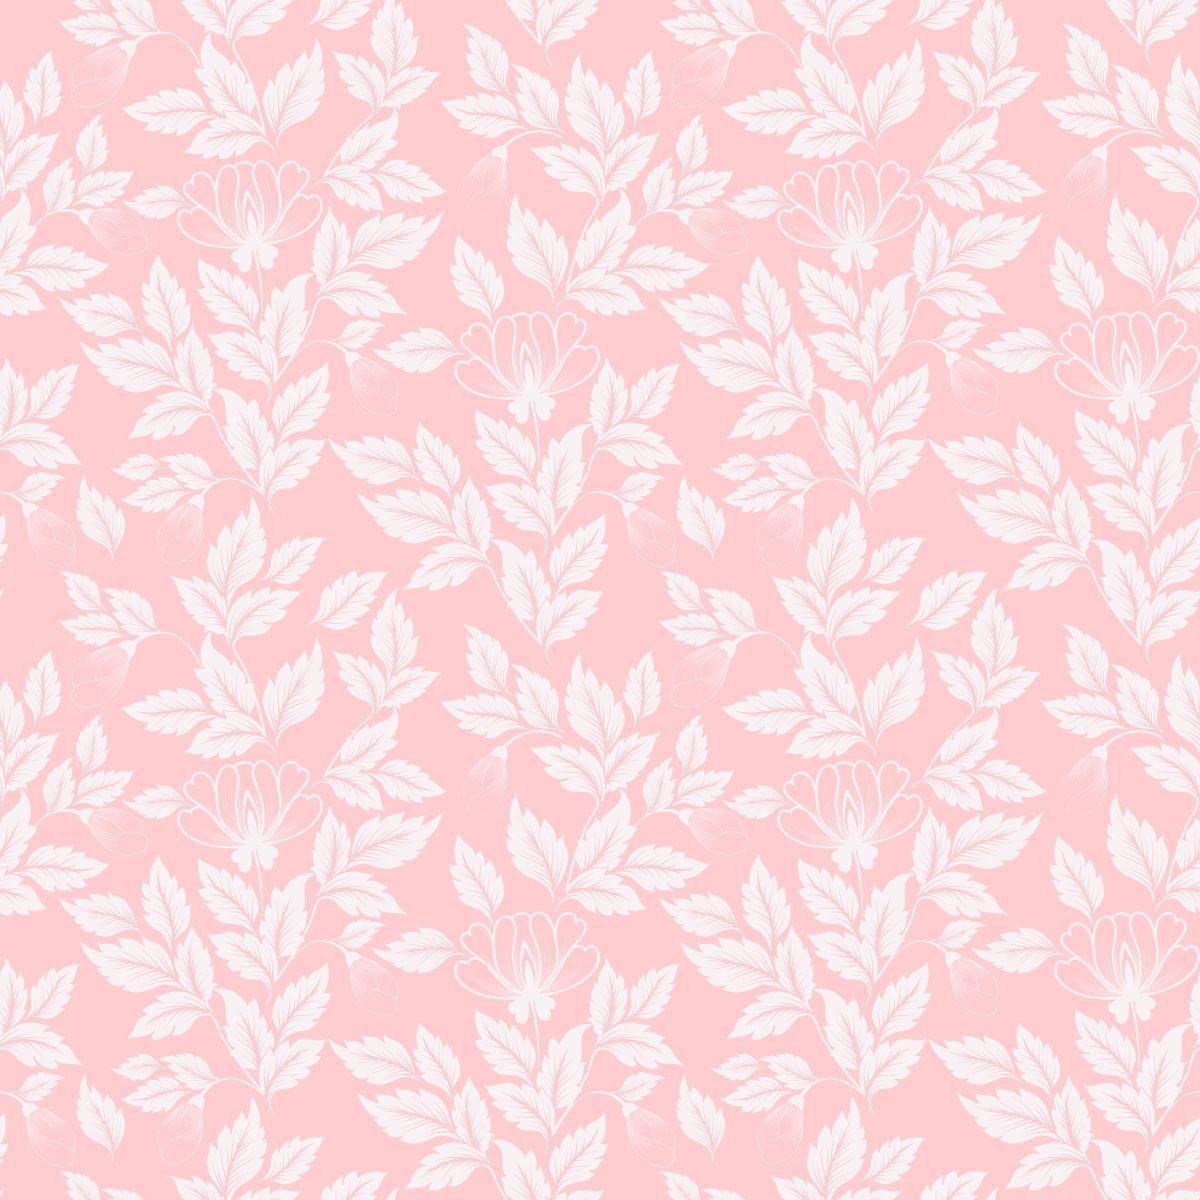 Papel De Parede Quarto E Sala Folhas Tom De Rosa Adesivo R 69 00  -> Papel De Parede Para Sala Folhas